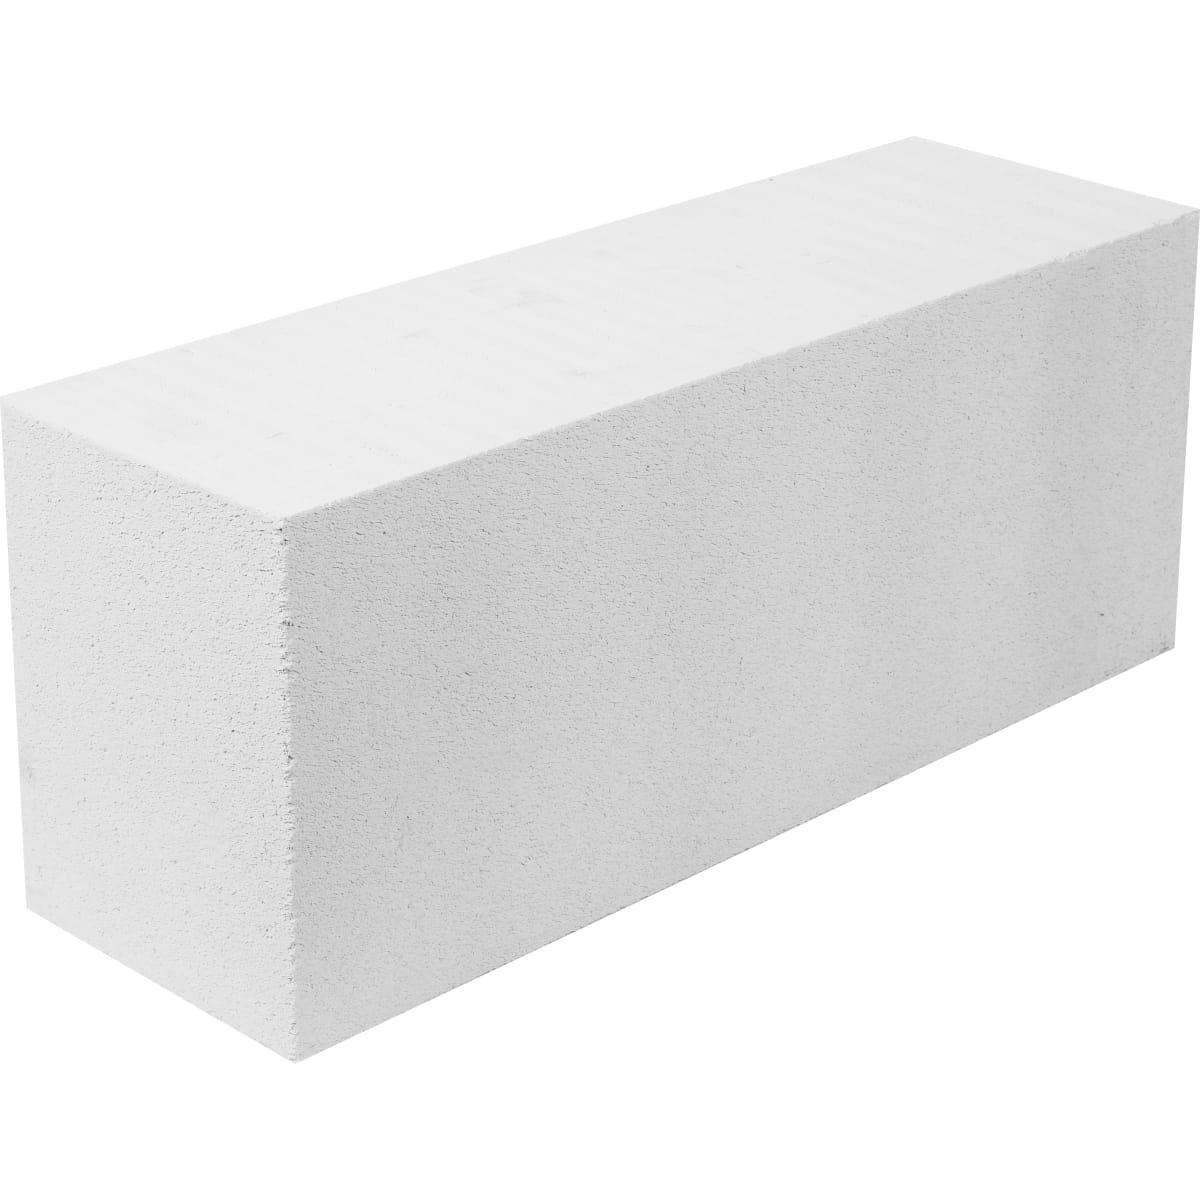 Блок газобетонный Bonolit D500 600х200х300 мм